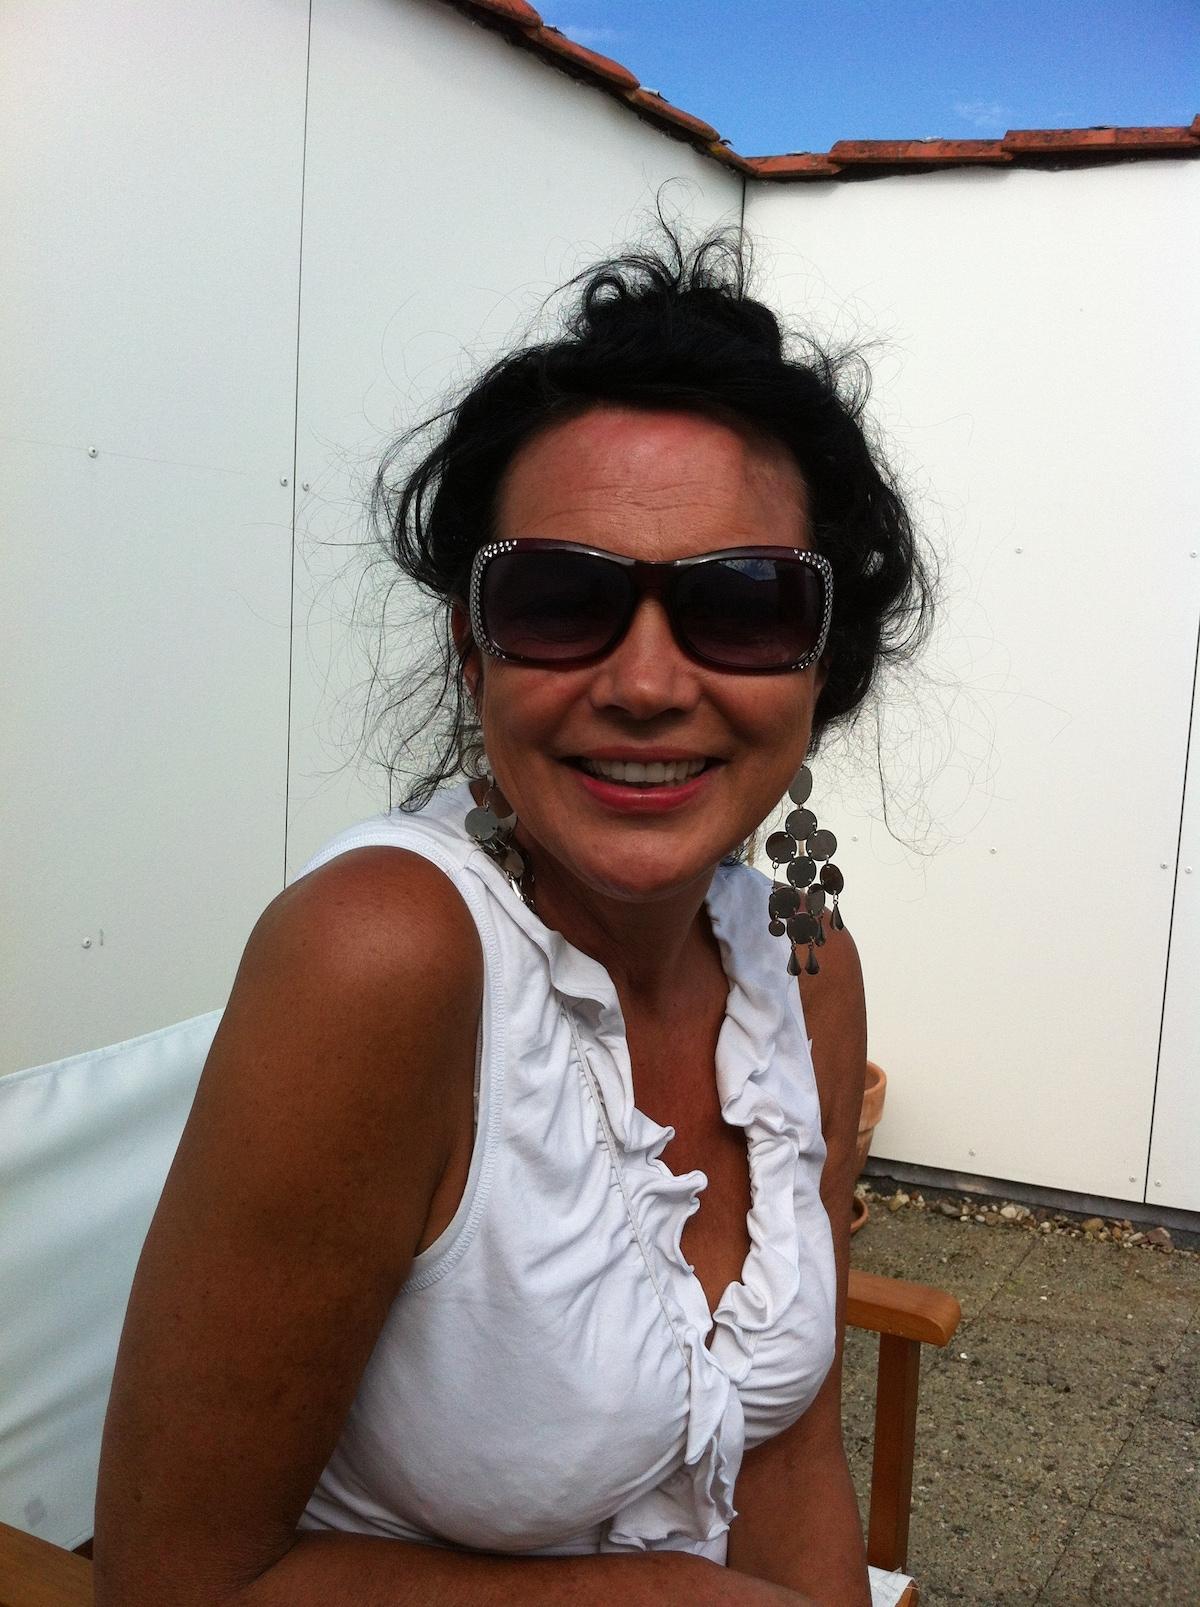 Manon from Maarssenbroek